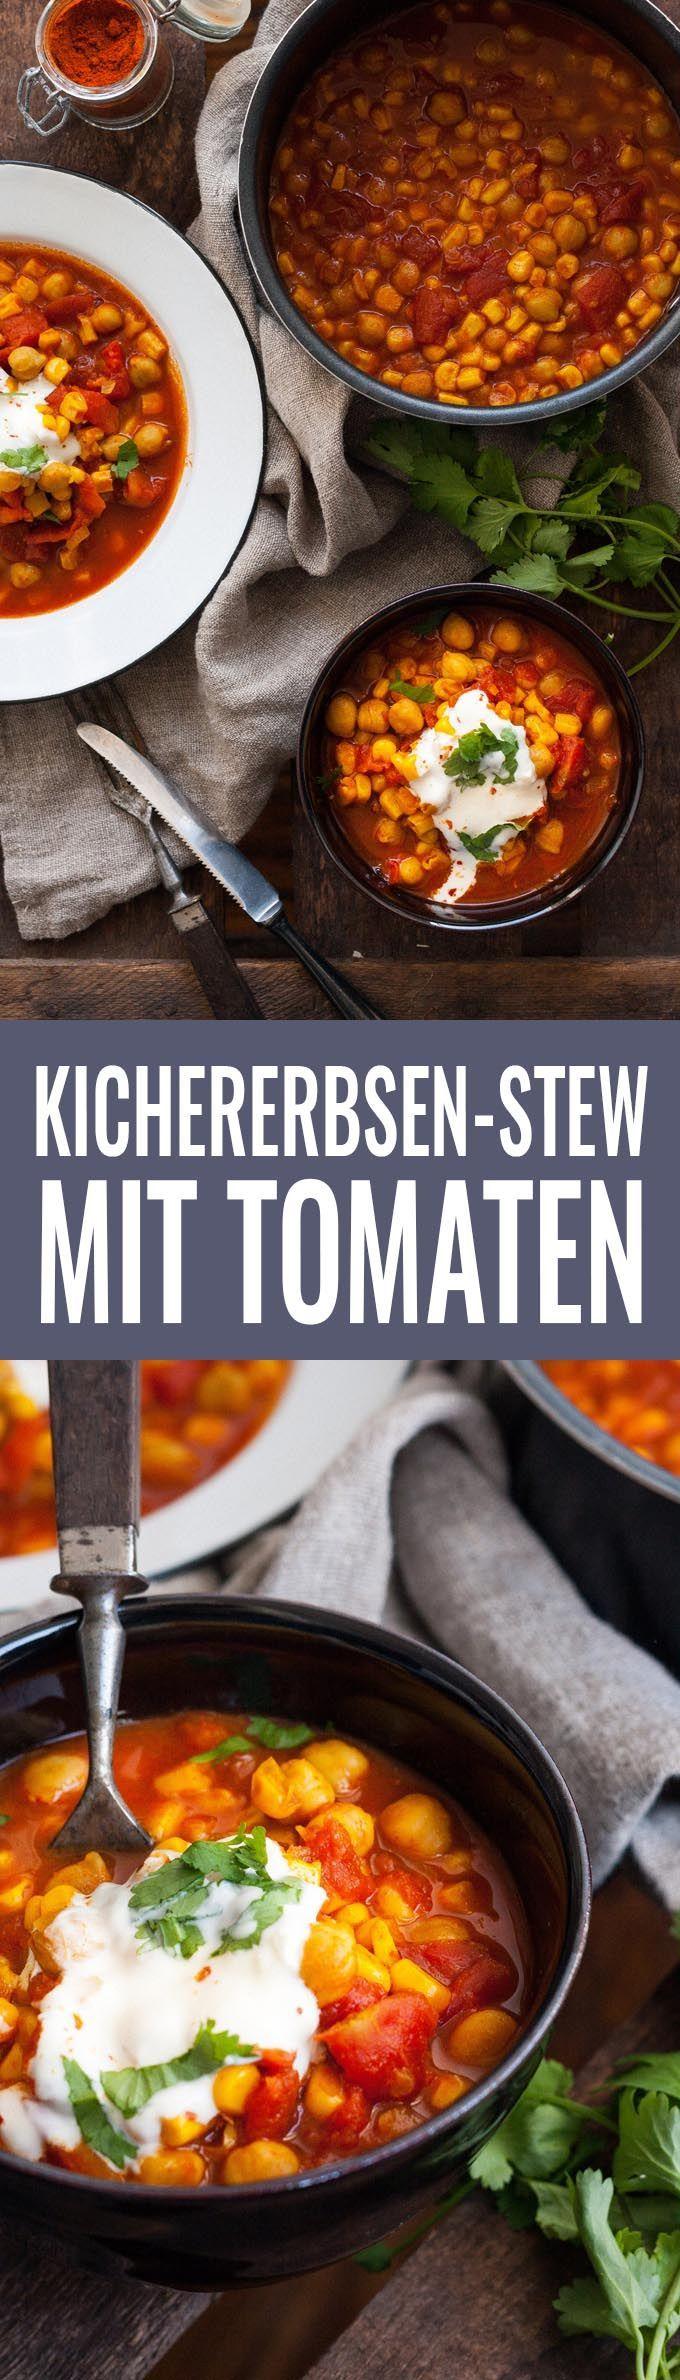 Kichererbsen-Stew mit Tomaten und Mais - Kochkarussell.com